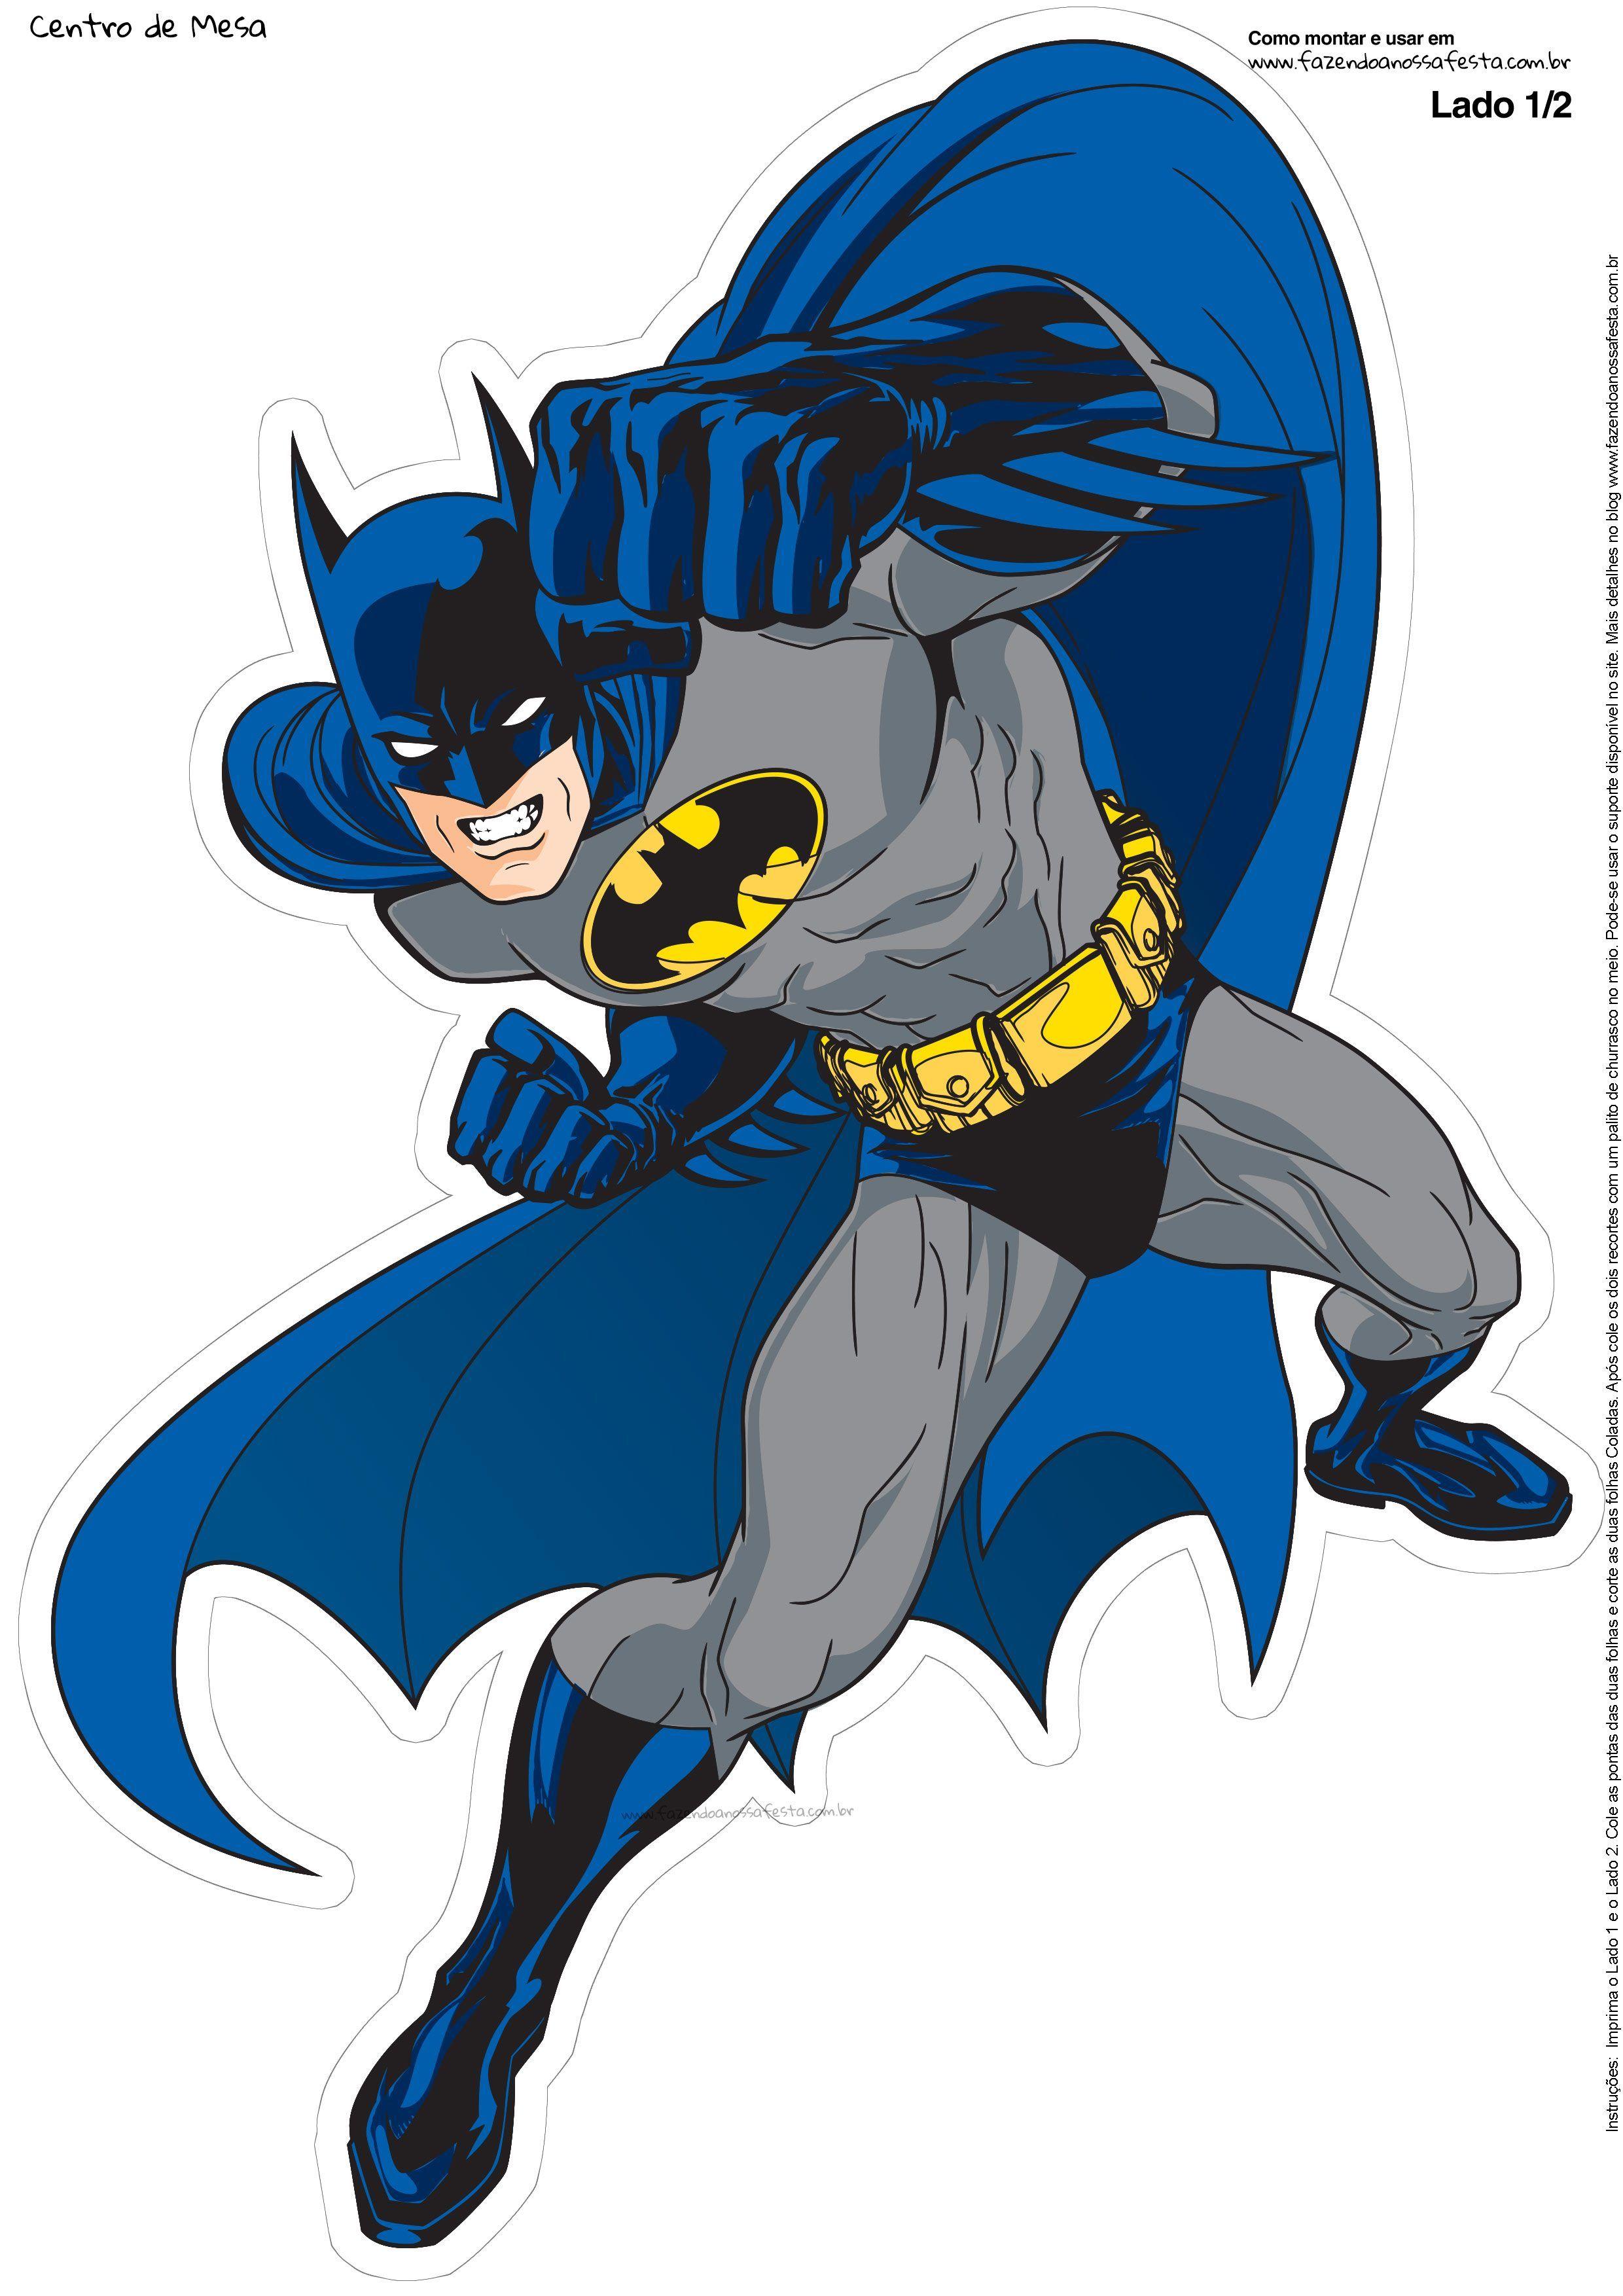 Batman clipart blue batman. Centro de mesa mesas